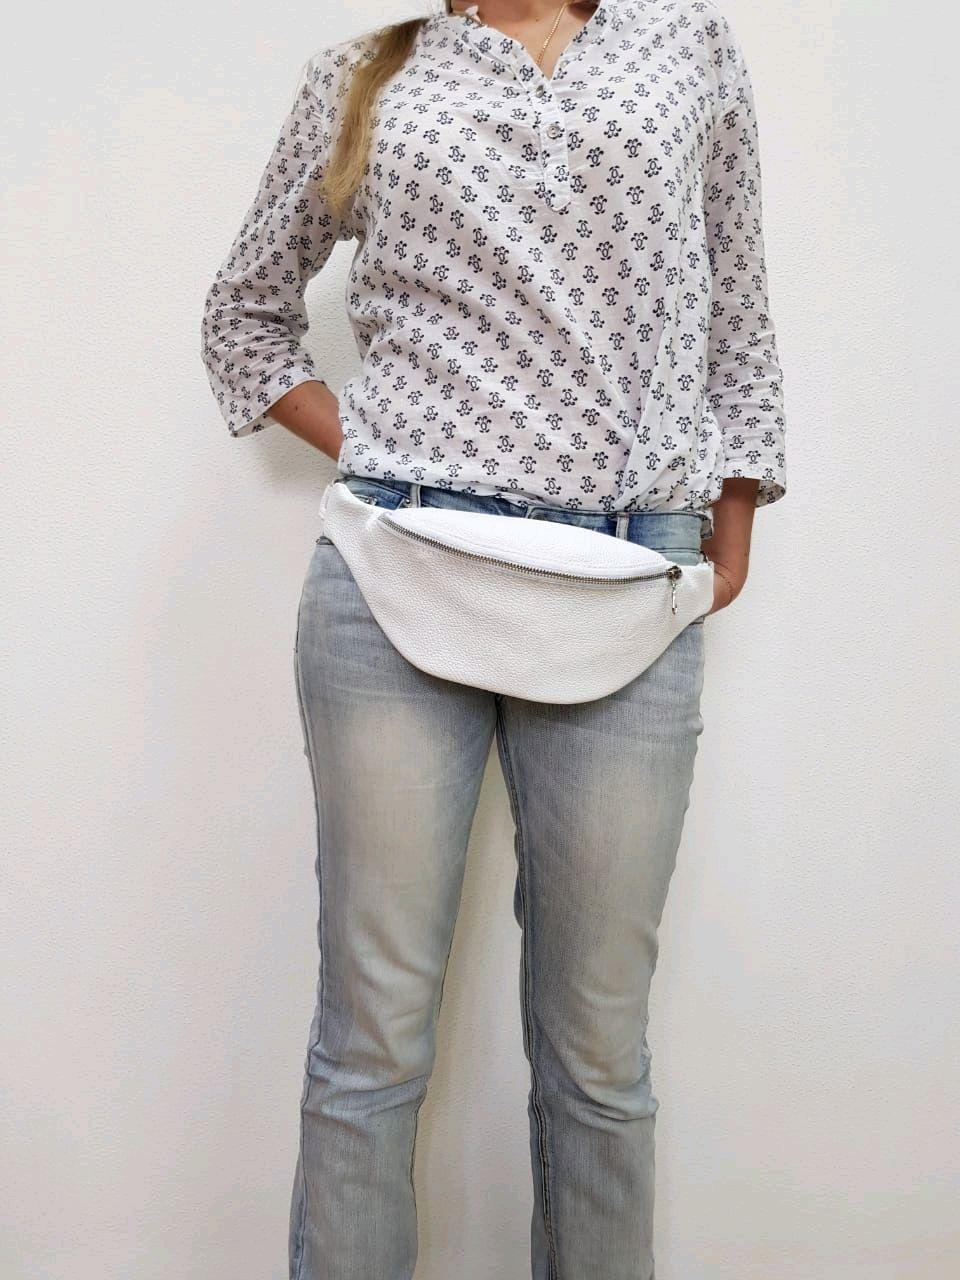 Женская Сумка на пояс из натуральной кожи, Поясная сумка, Санкт-Петербург,  Фото №1